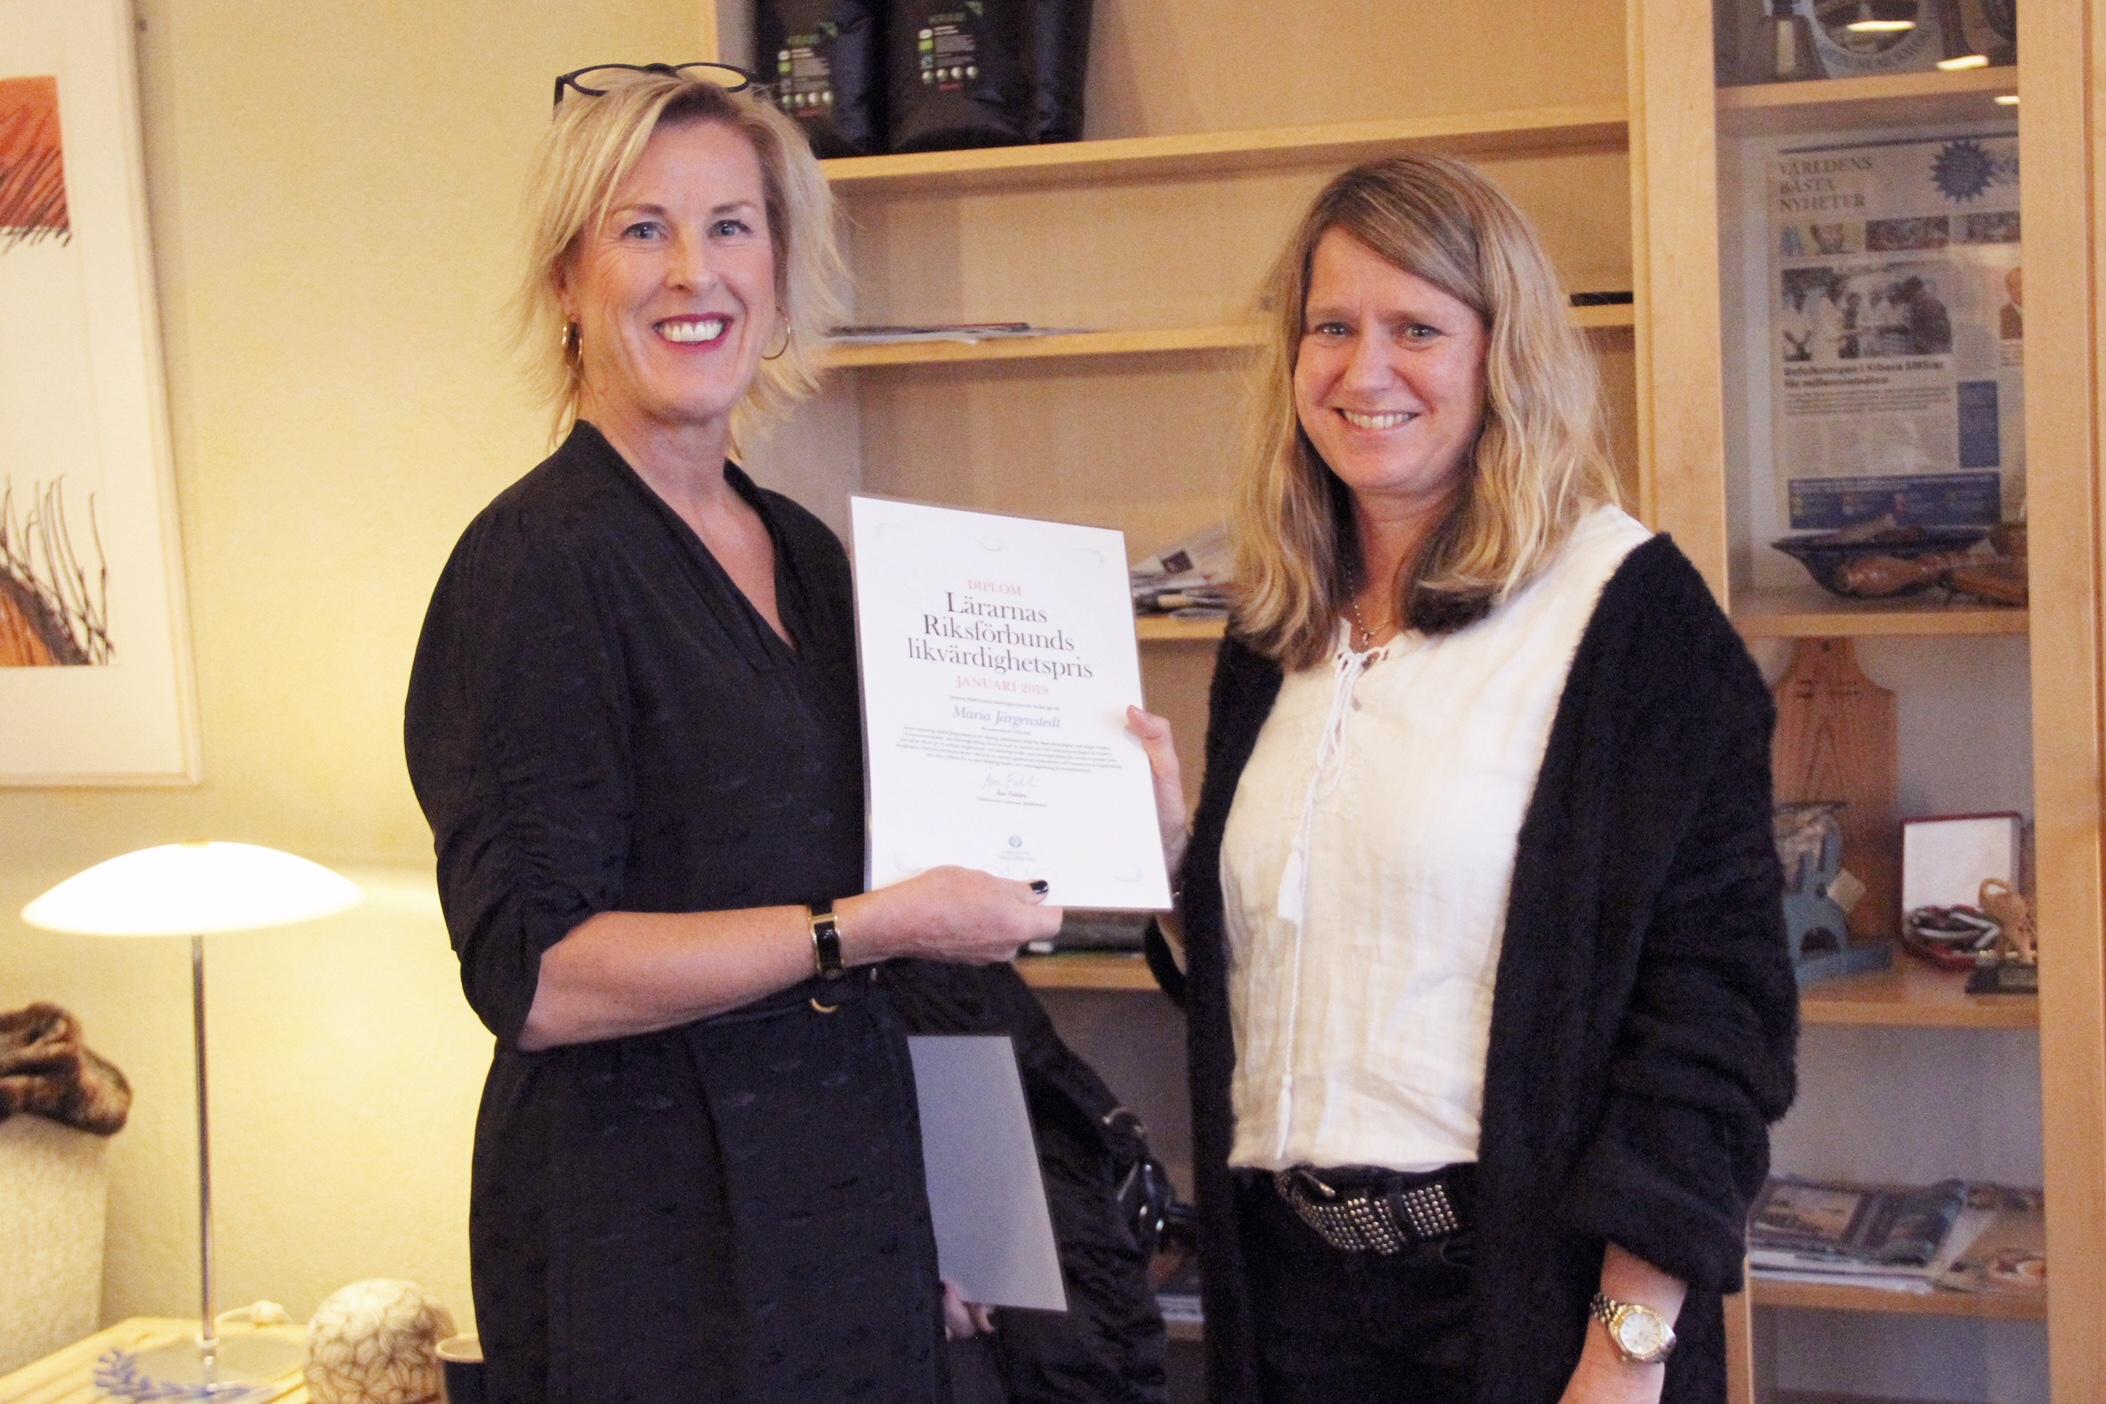 Åsa Fahlén överlämnar priset till Maria Järgenstedt. Foto: Härryda kommun